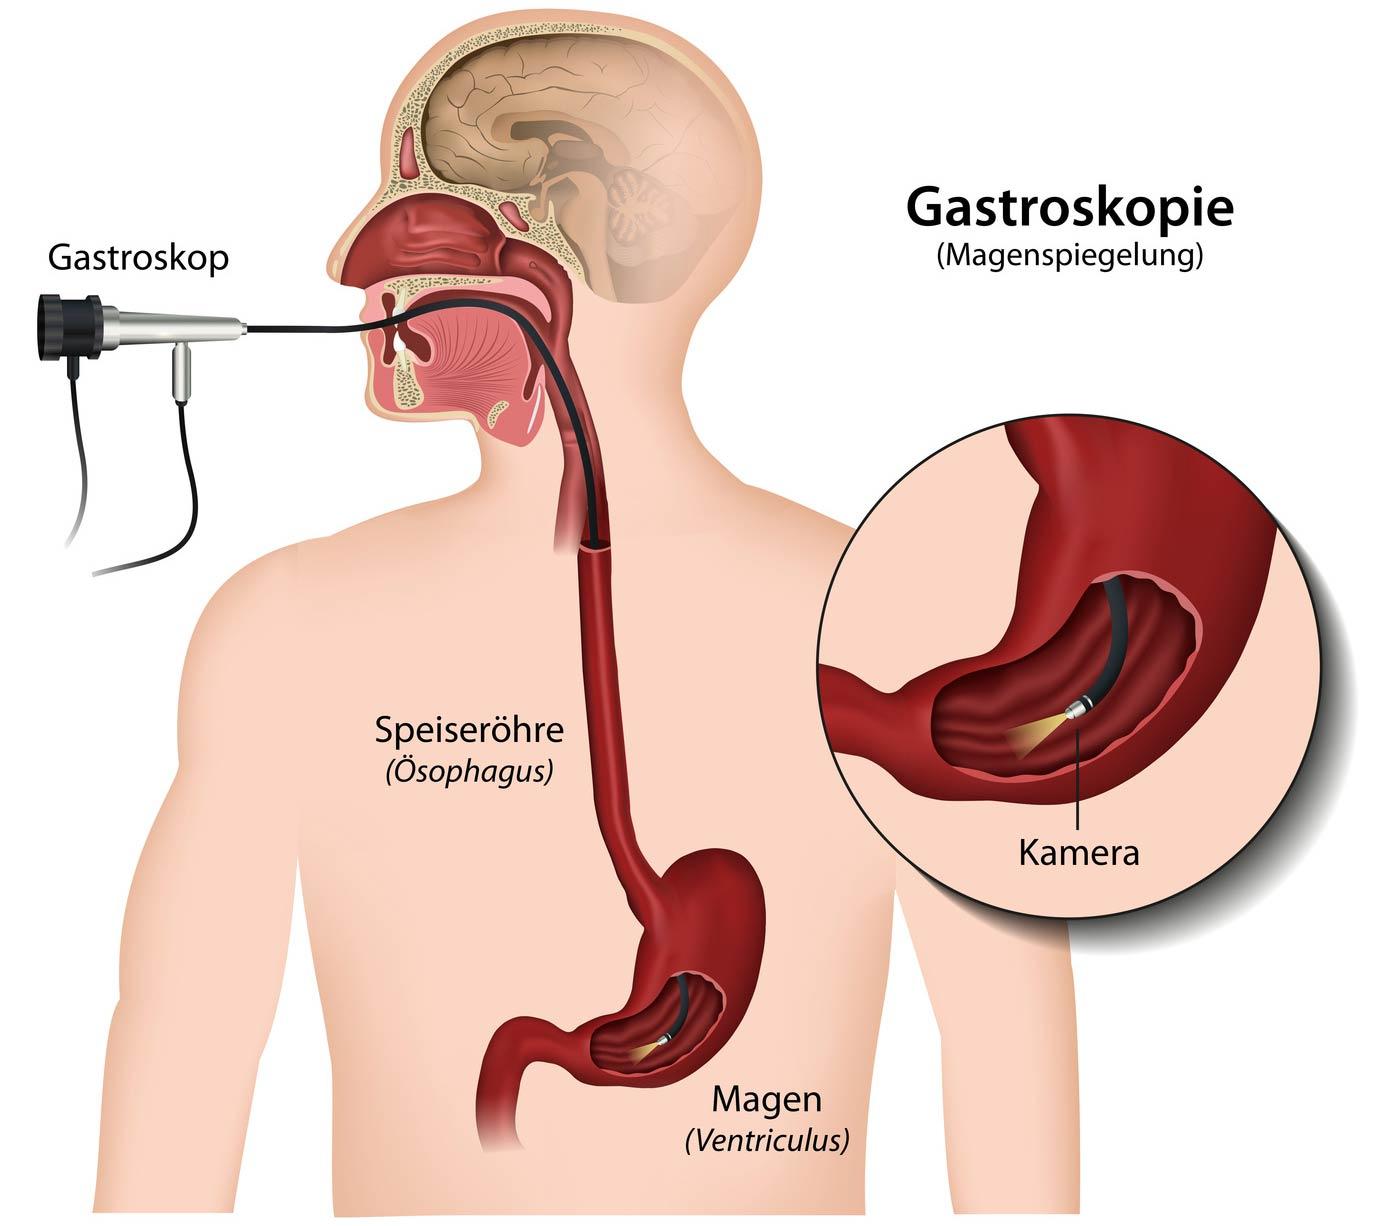 Gastroskopie, Magenspiegelung. Foto: (c) bilderzwerg - fotolia.com